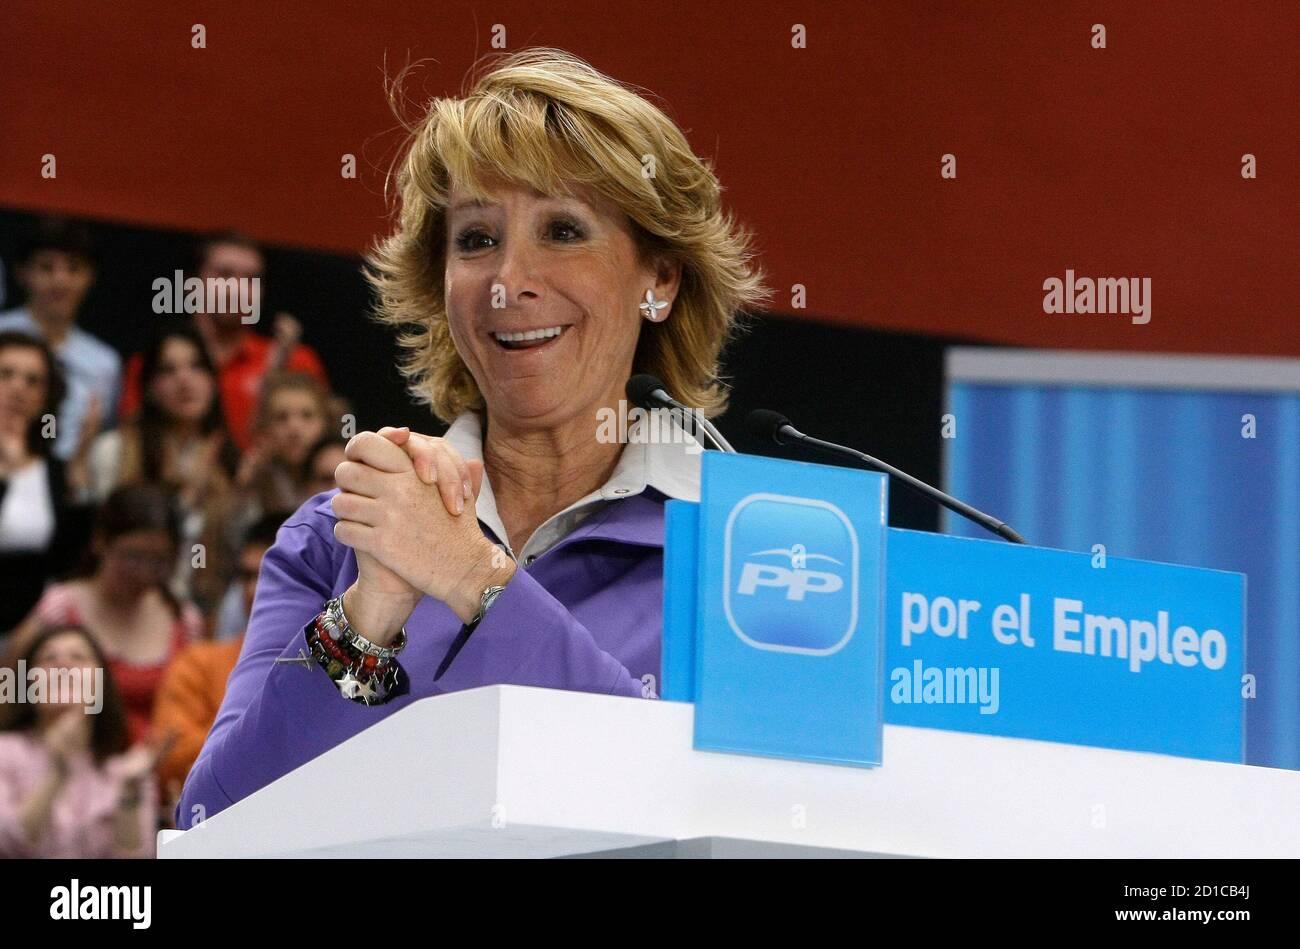 """Madrids regionalen Präsidenten Esperanza Aguirre erkennt Applaus während einer Kundgebung über die Beschäftigung in Madrid 25. April 2009.  Banner """"für Beschäftigung"""" liest. REUTERS/Andrea Comas (Spanien Politik Beschäftigung BUSINESS) Stockfoto"""